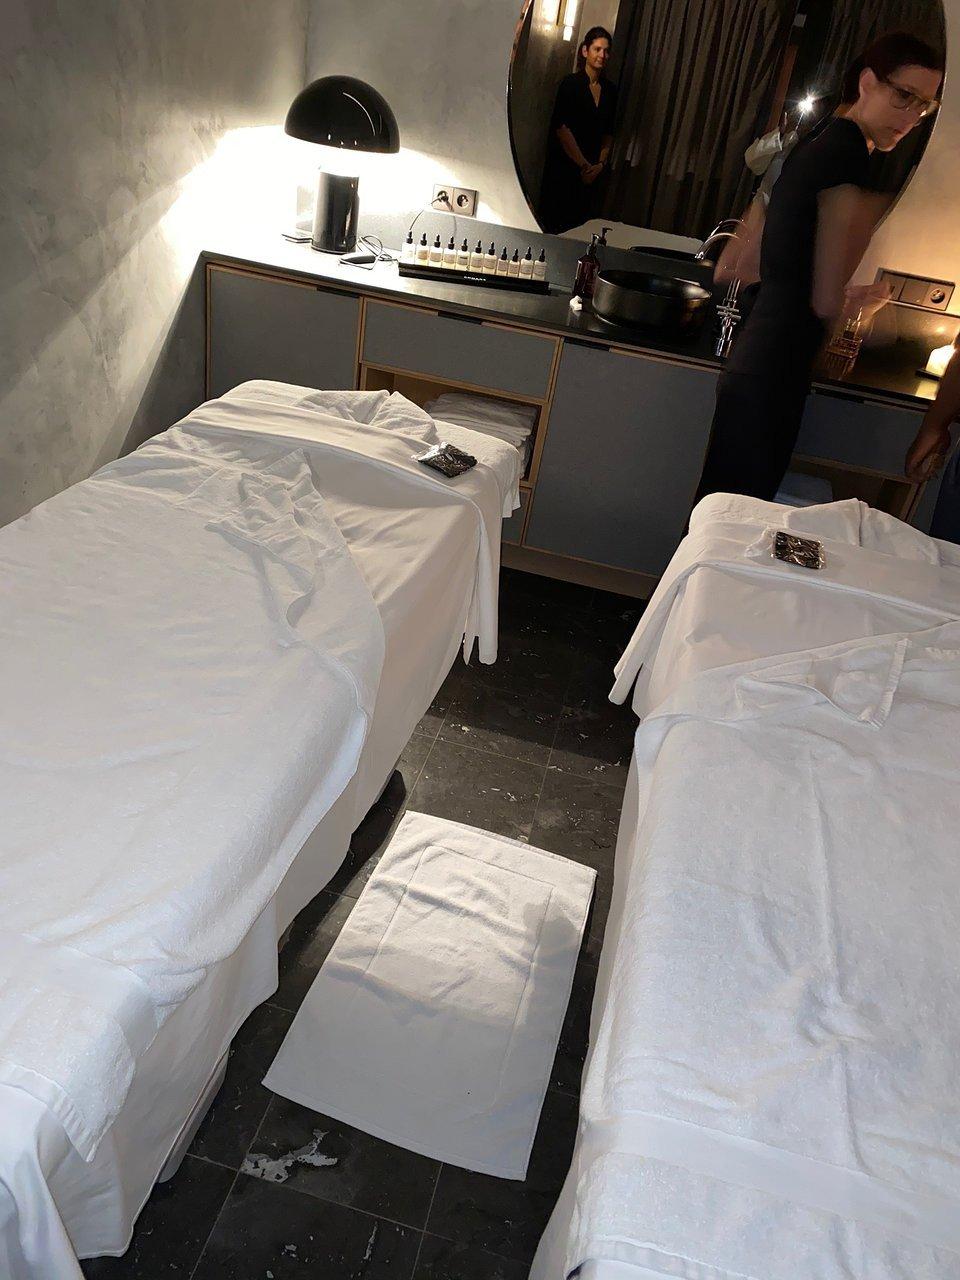 Paris Decor for Bedroom New Hotel Flanelles Paris $194 $̶2̶9̶0̶ Updated 2020 Prices